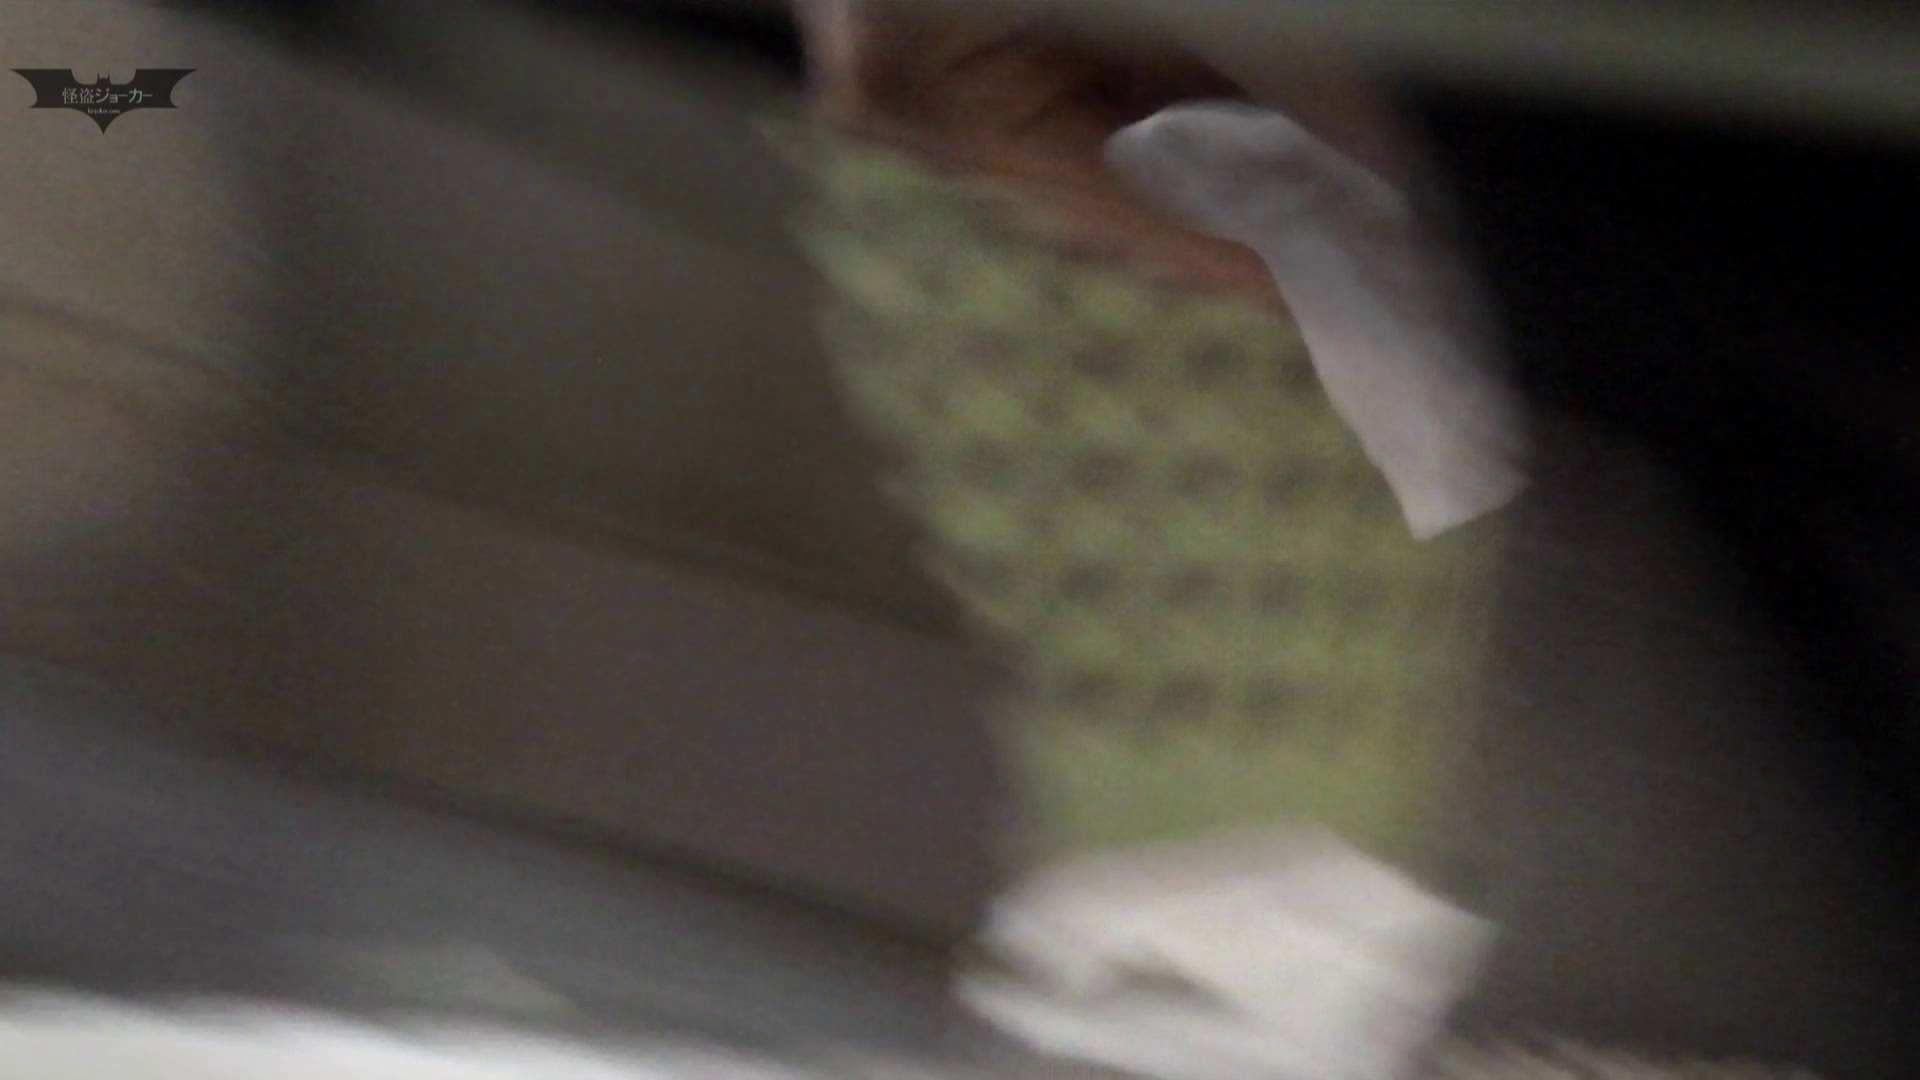 ステーション編 vol.32 美女御用達洗面所!! お姉さんのSEX 濡れ場動画紹介 106枚 96